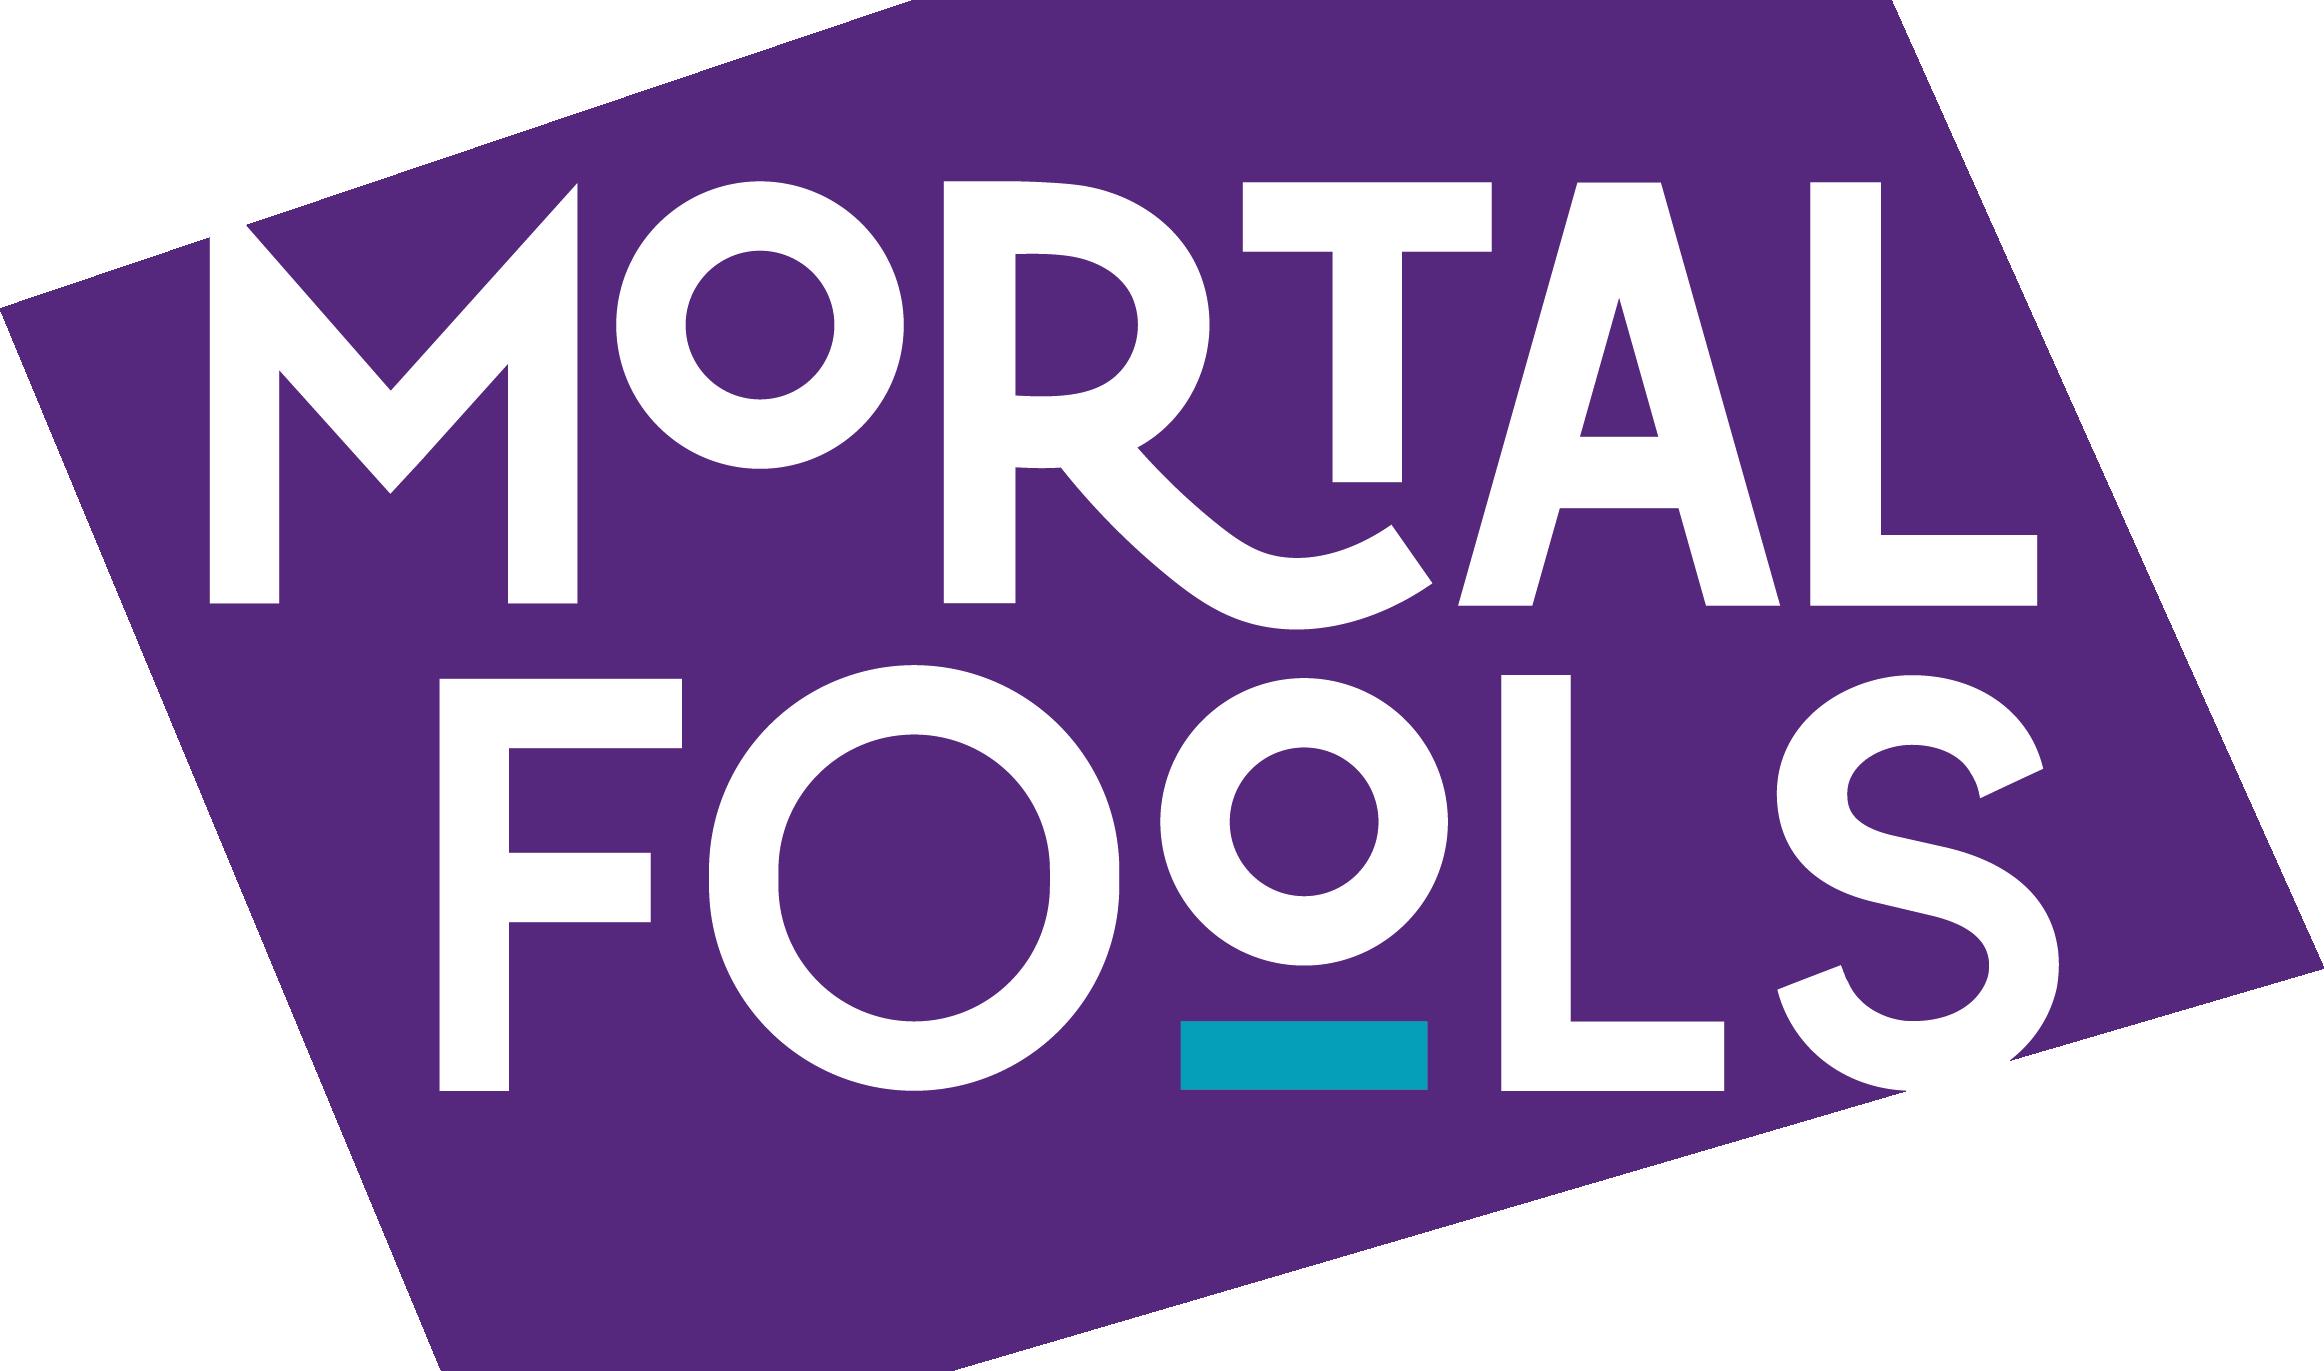 Mortal Fools logo